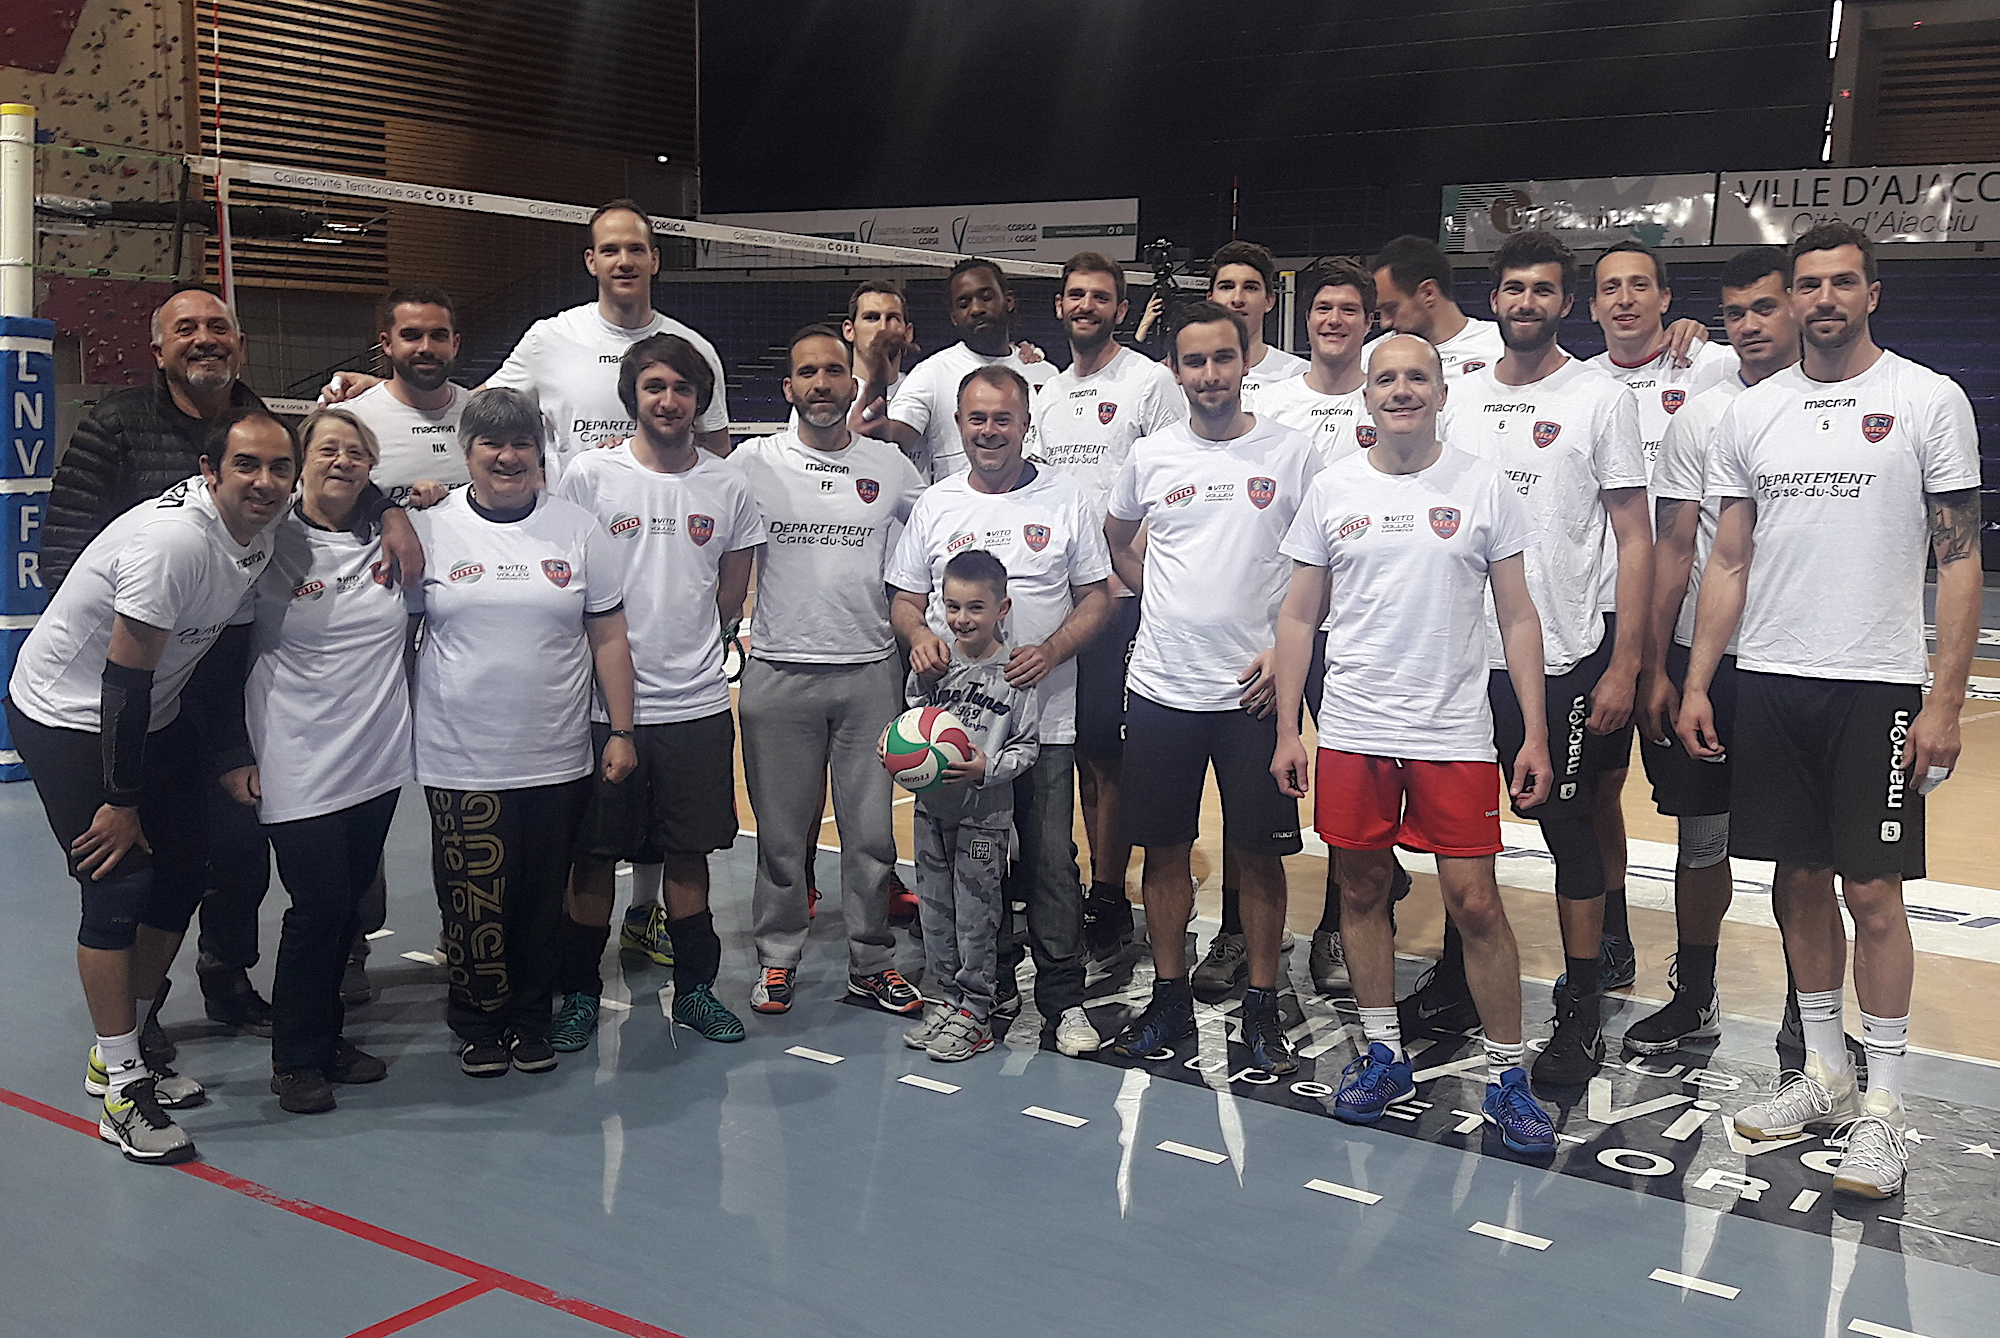 Vito Volley Expérience : Les supporters s'entraînent avec les volleyeurs du GFCA